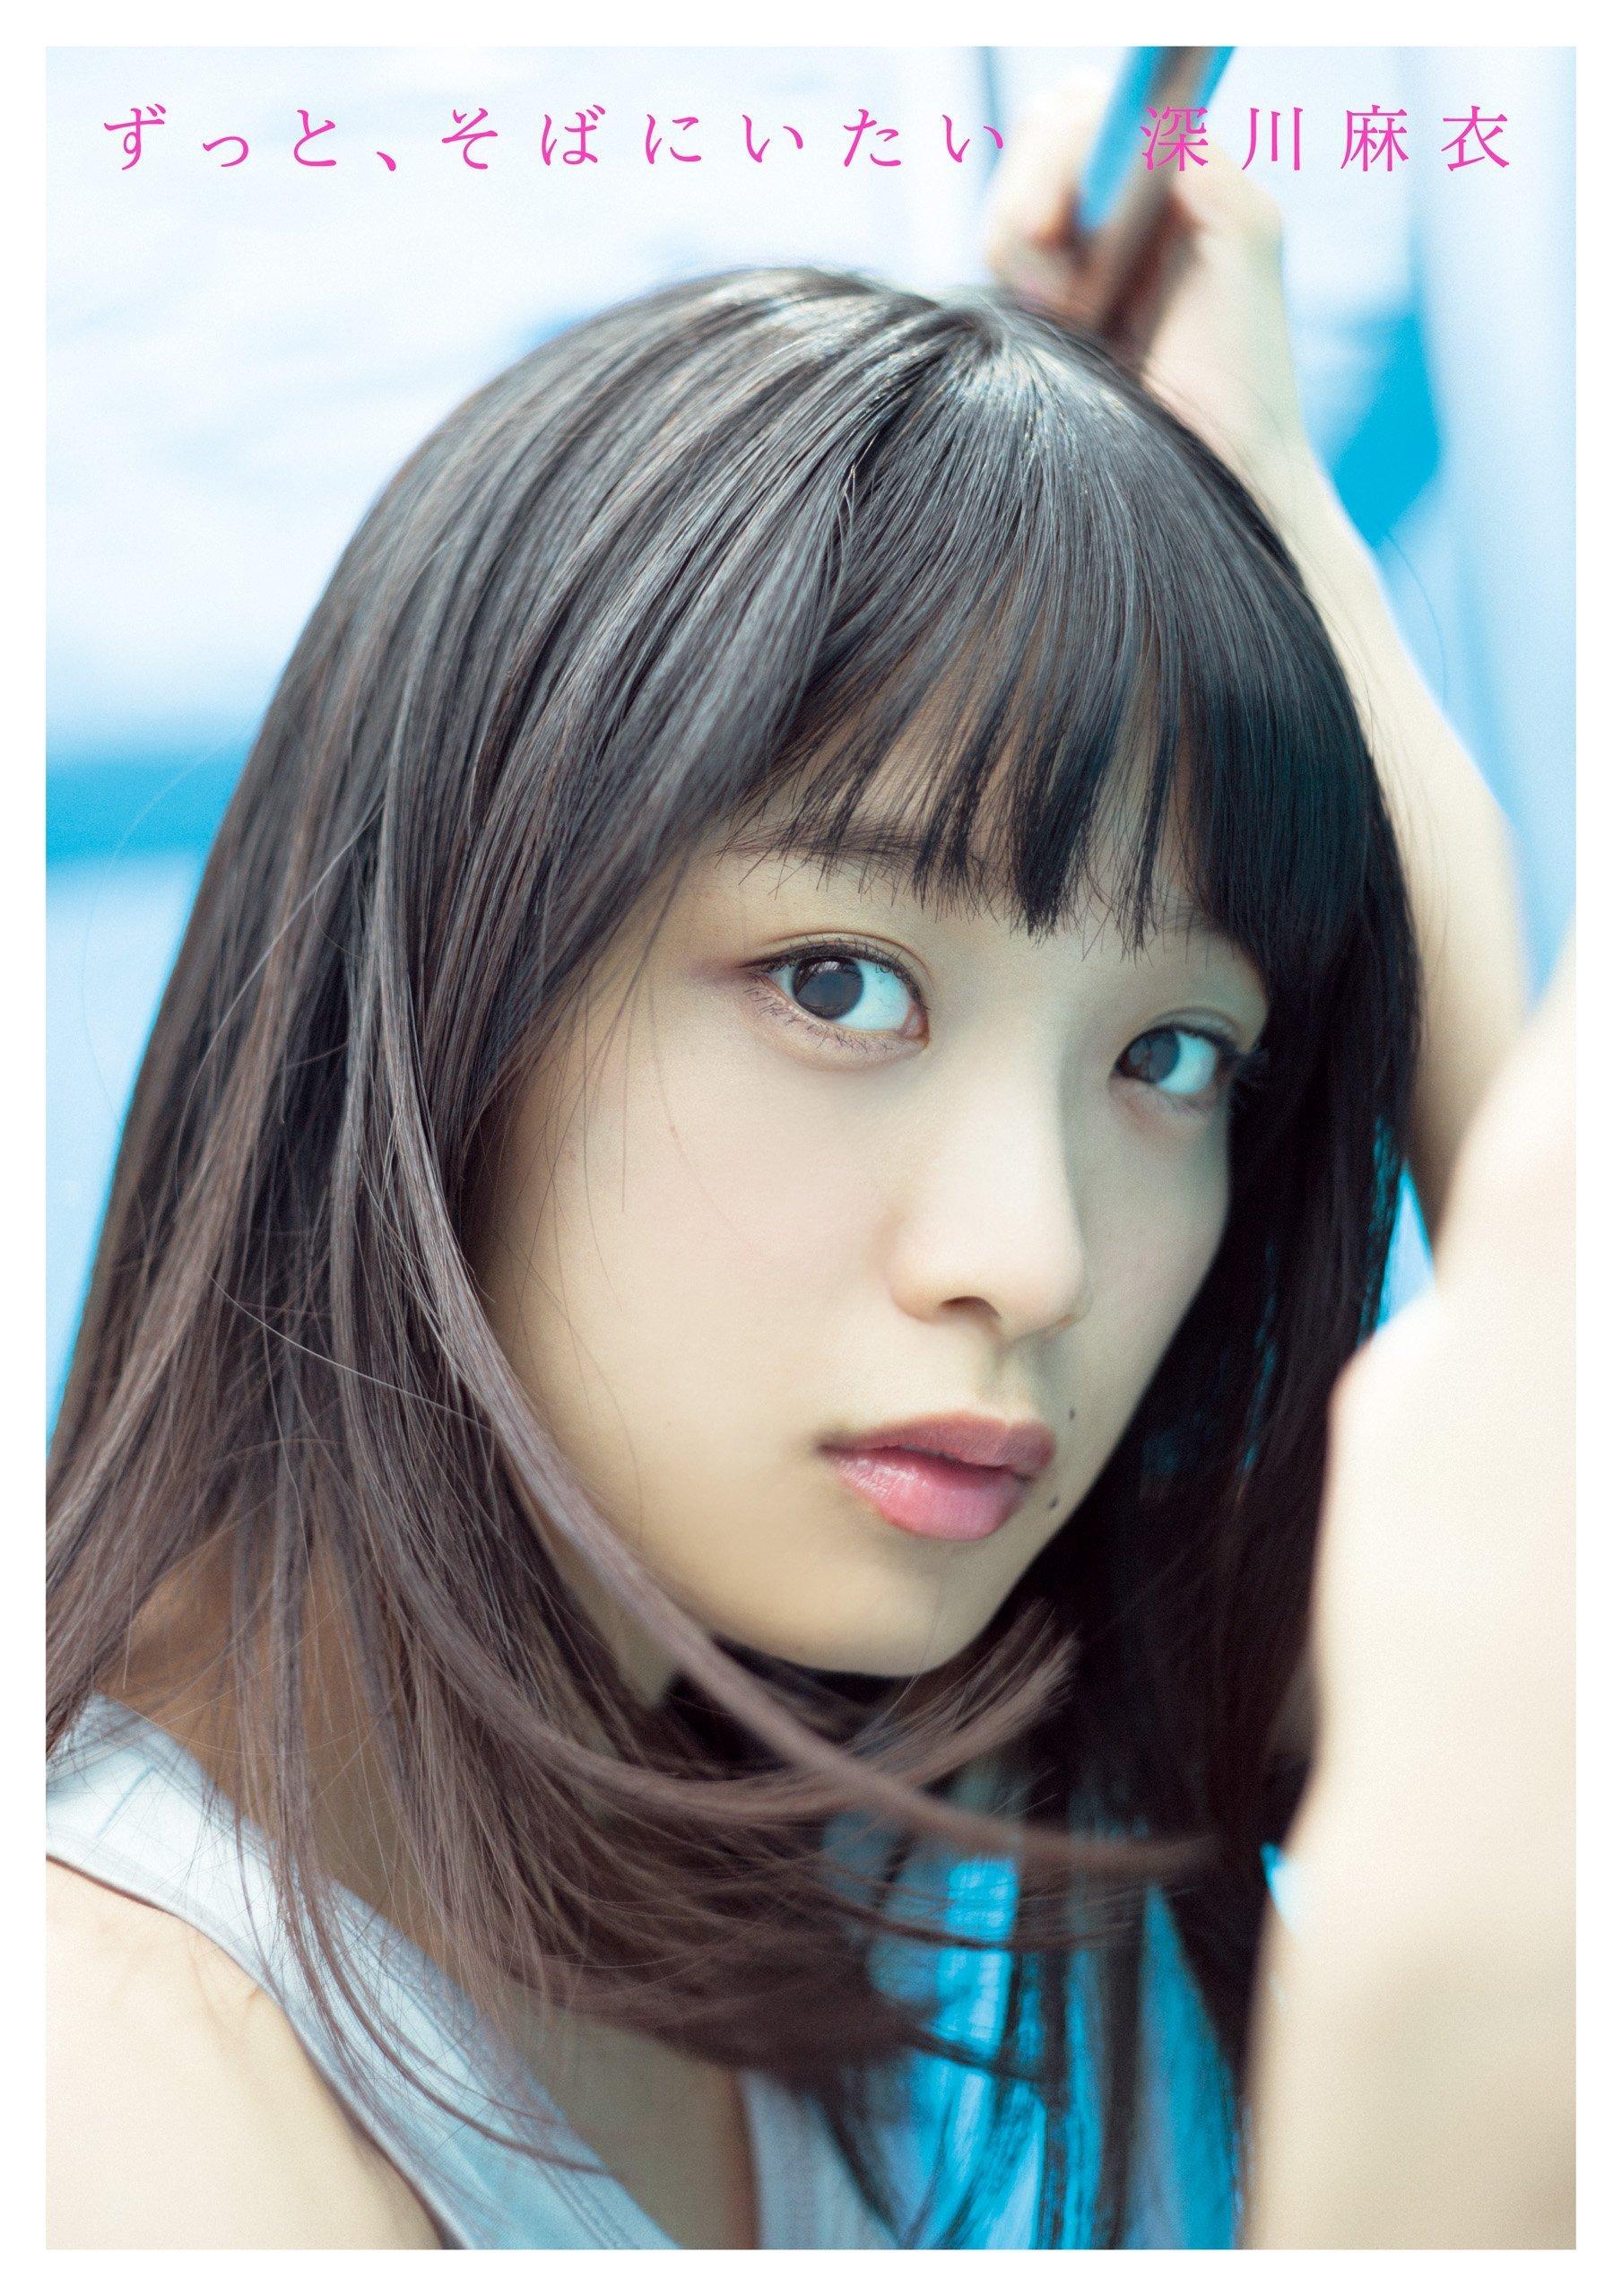 乃木坂46深川麻衣ファースト写真集『ずっと、そばにいたい』が6月9日発売決定